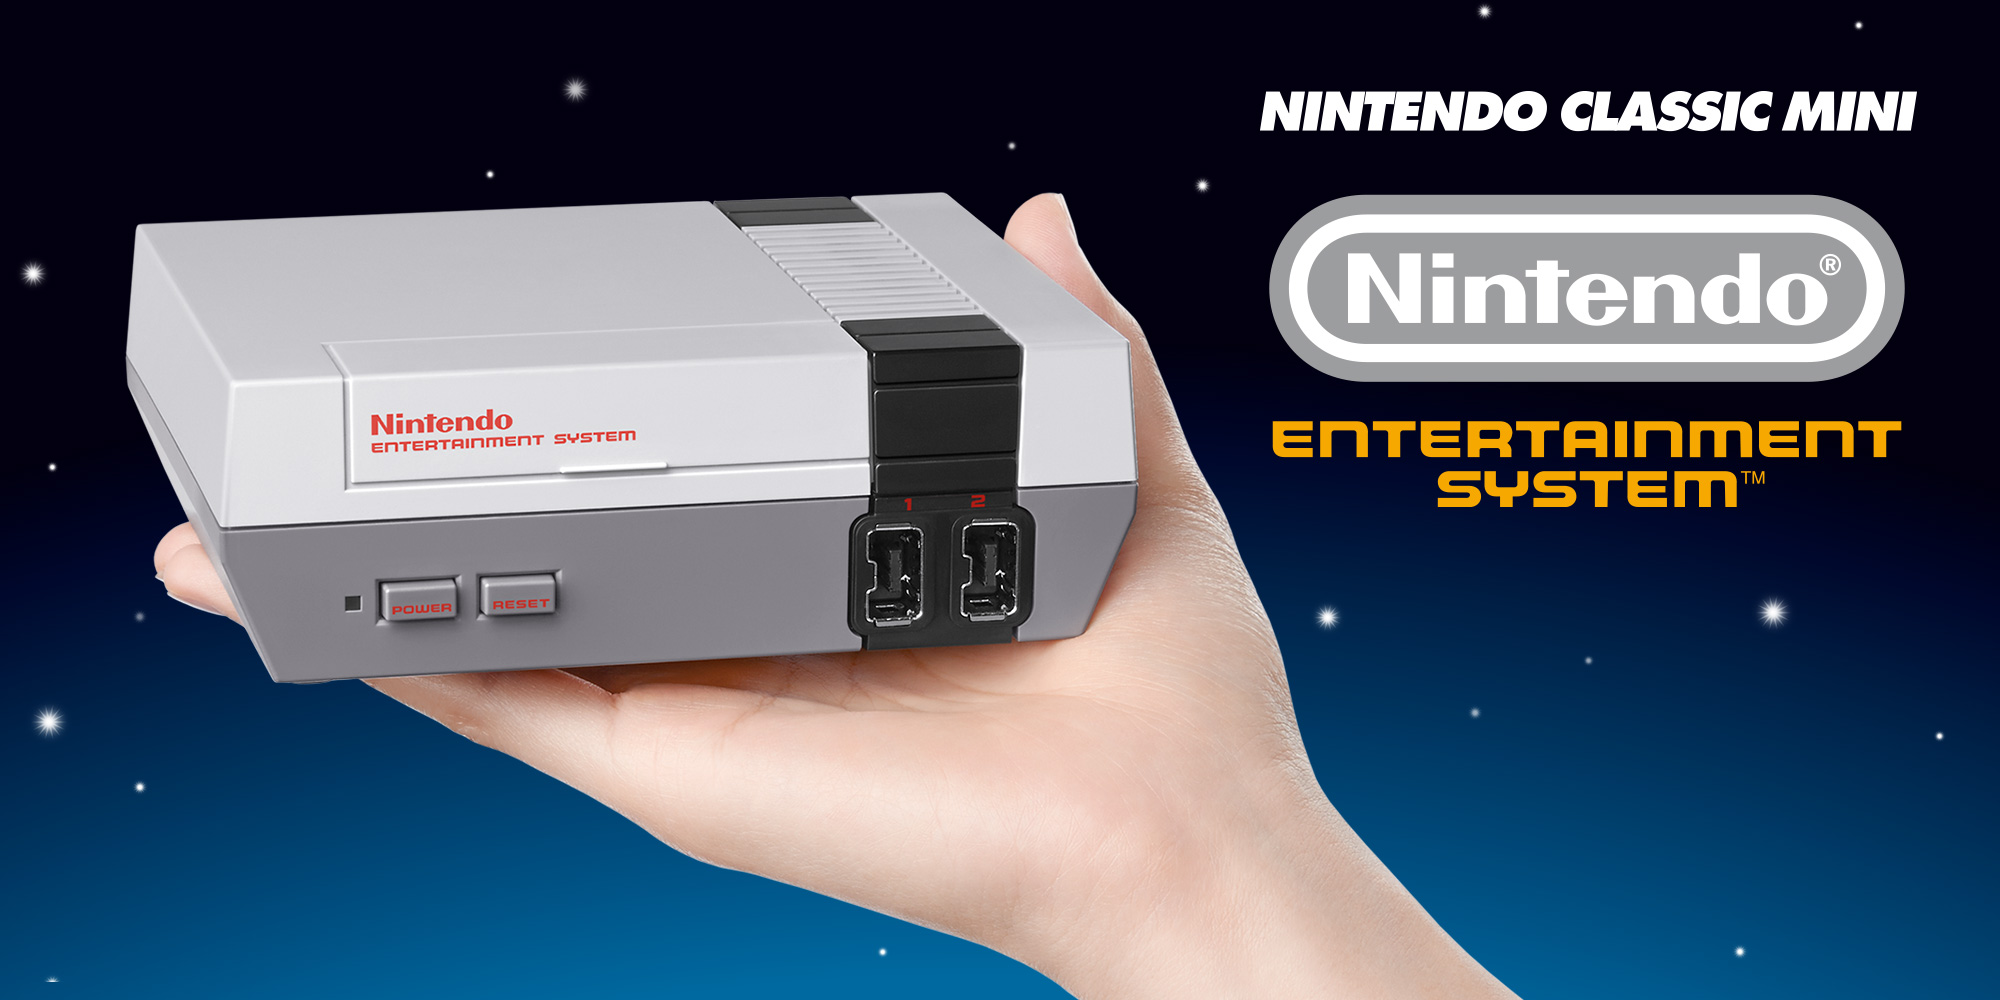 Nintendo Classic Mini NES - Announcement